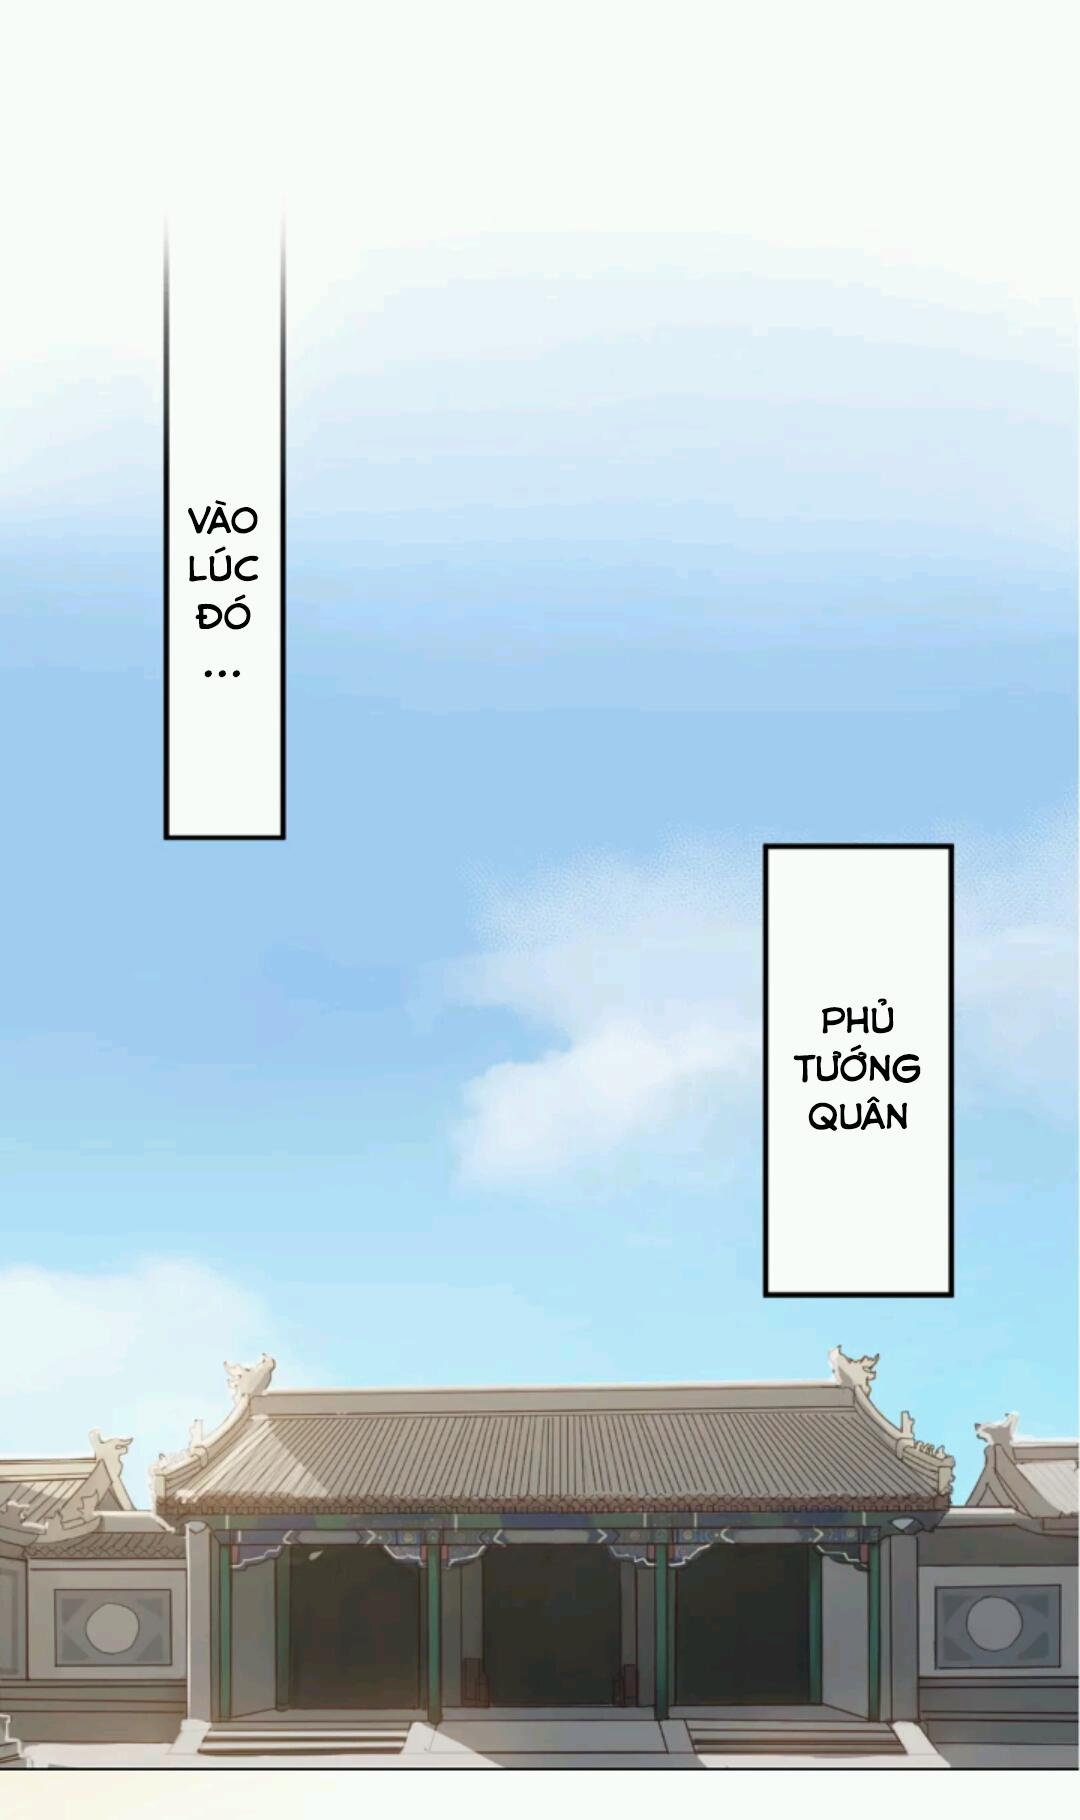 Chỉ Phu Vi Thê - Chap 1